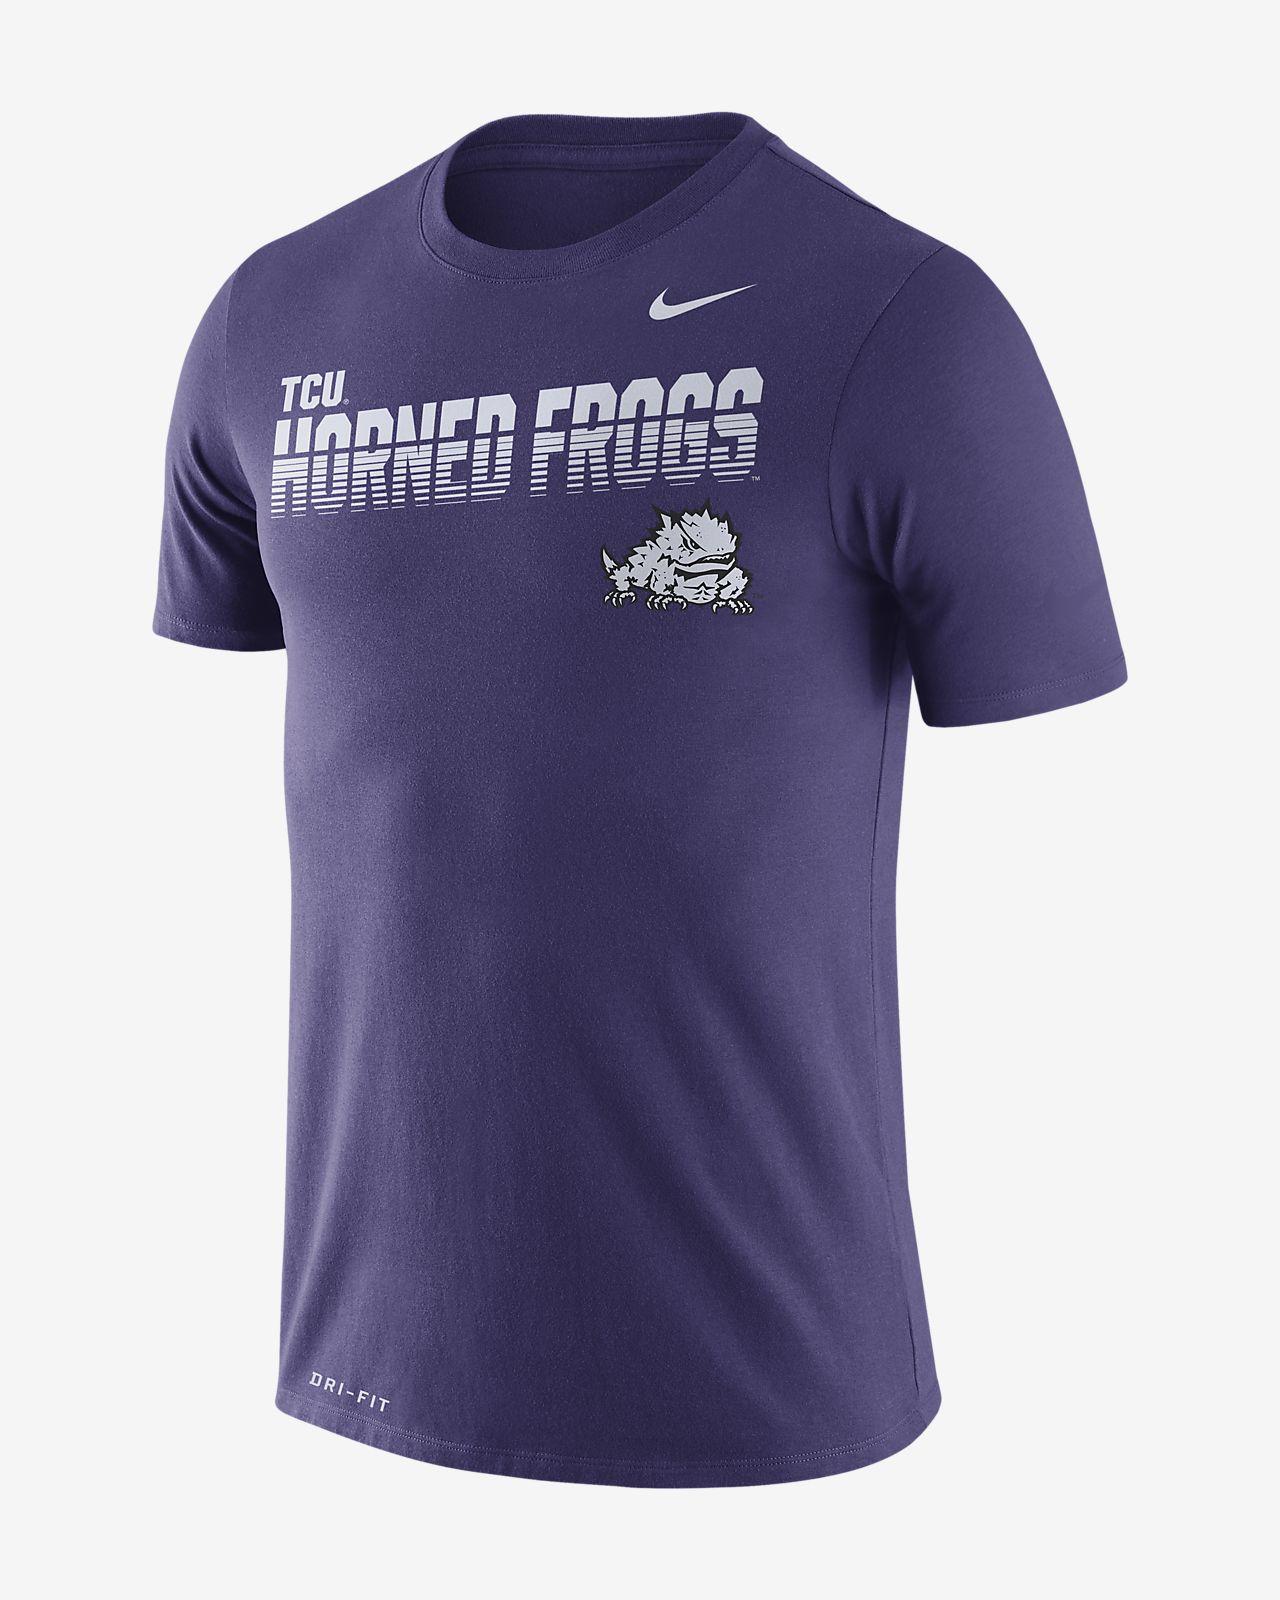 Nike College Dri-FIT Legend (TCU) Men's T-Shirt